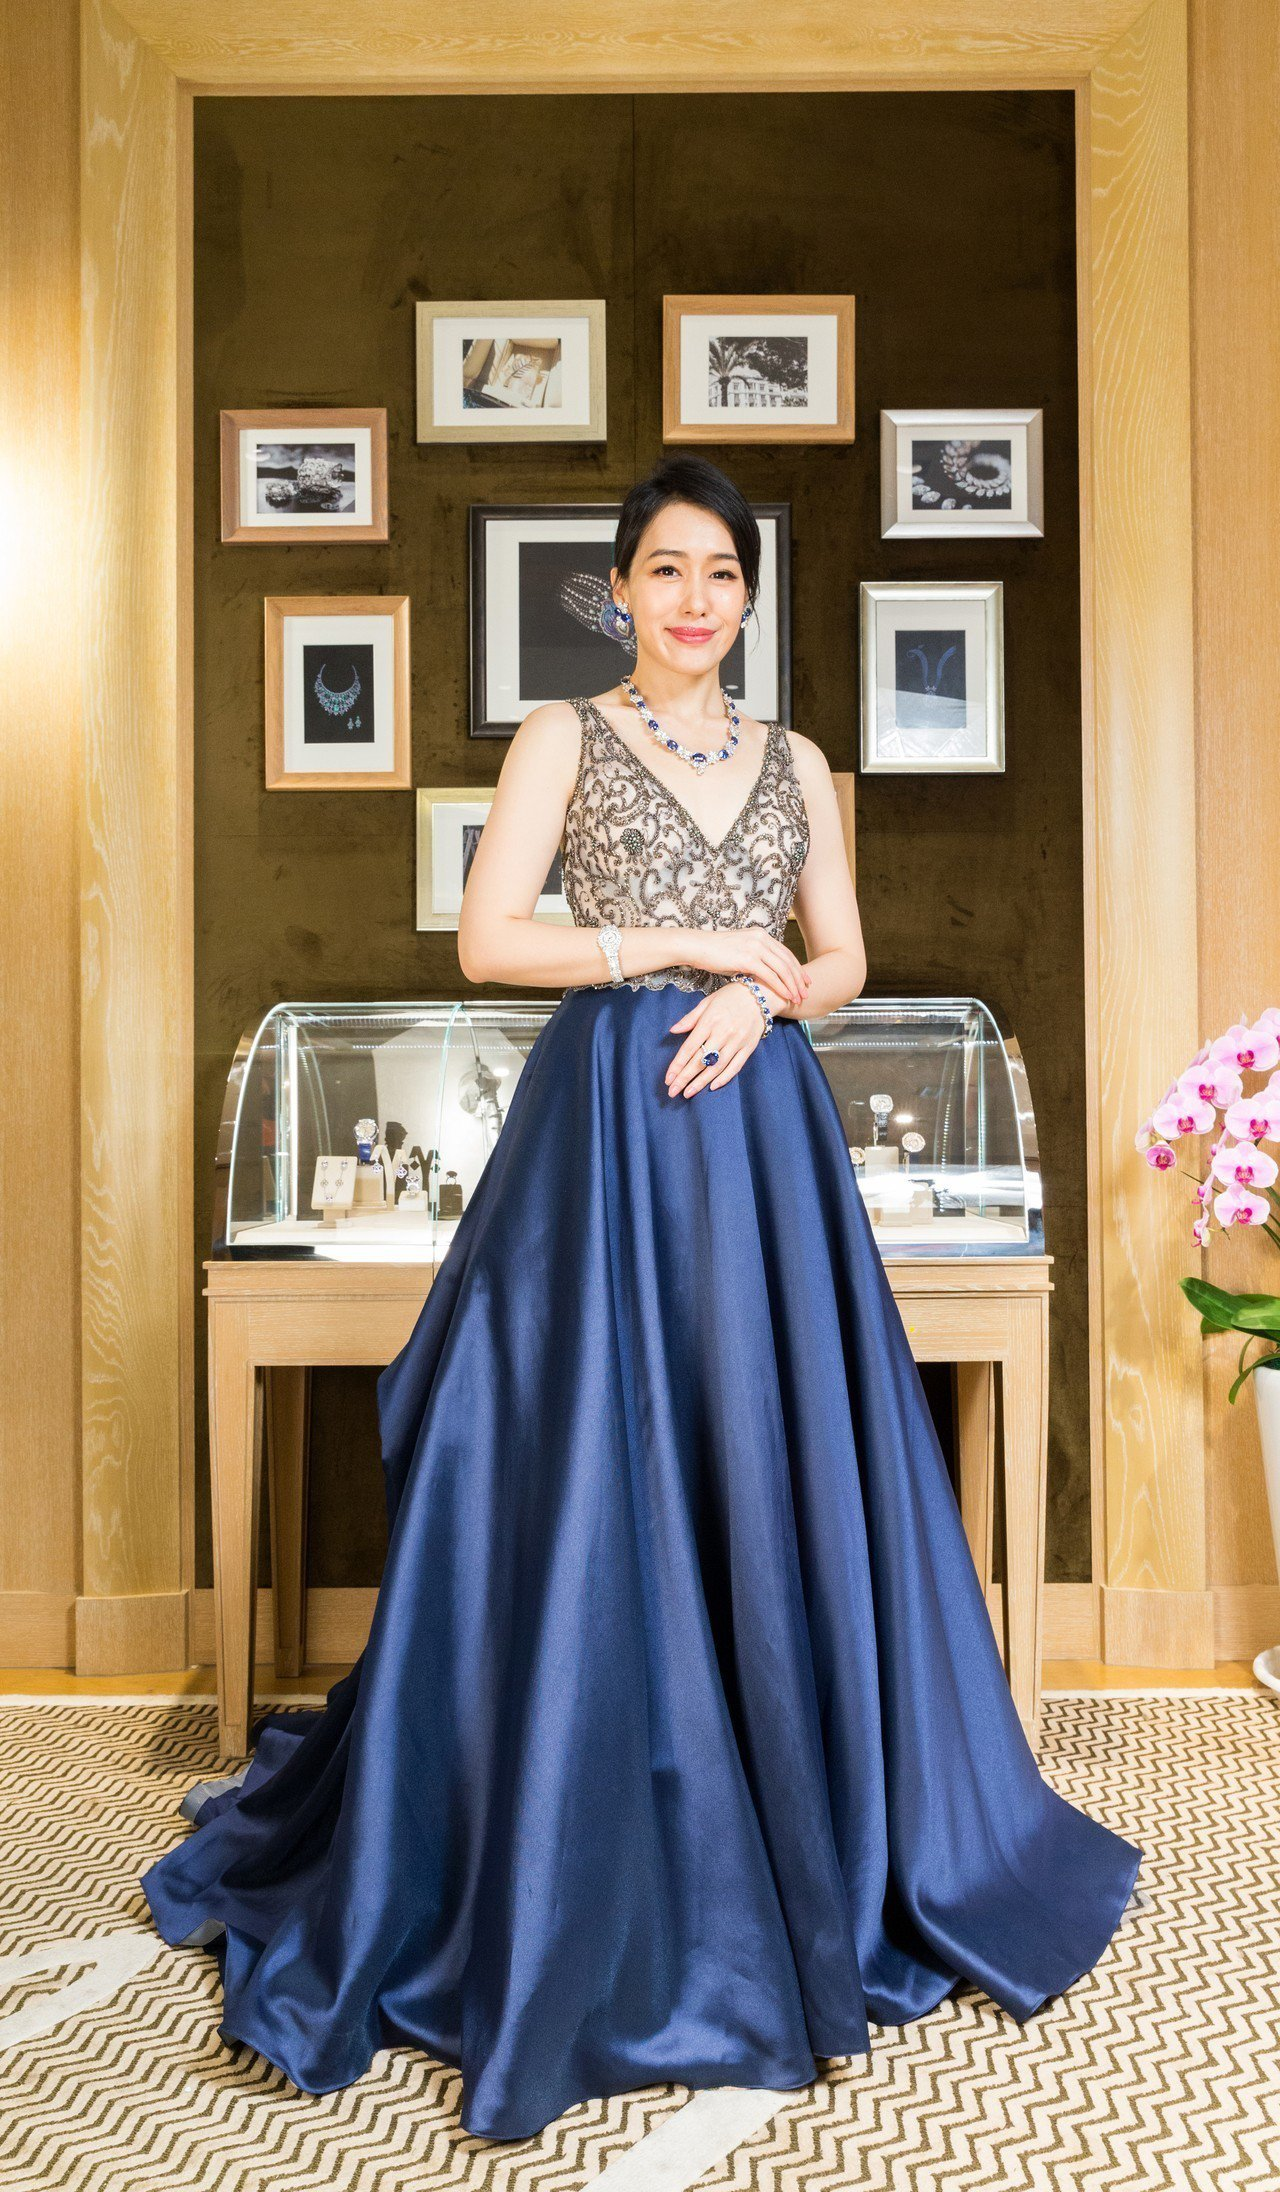 陈妍岚爱蓝宝萧邦2亿顶级珠宝上身